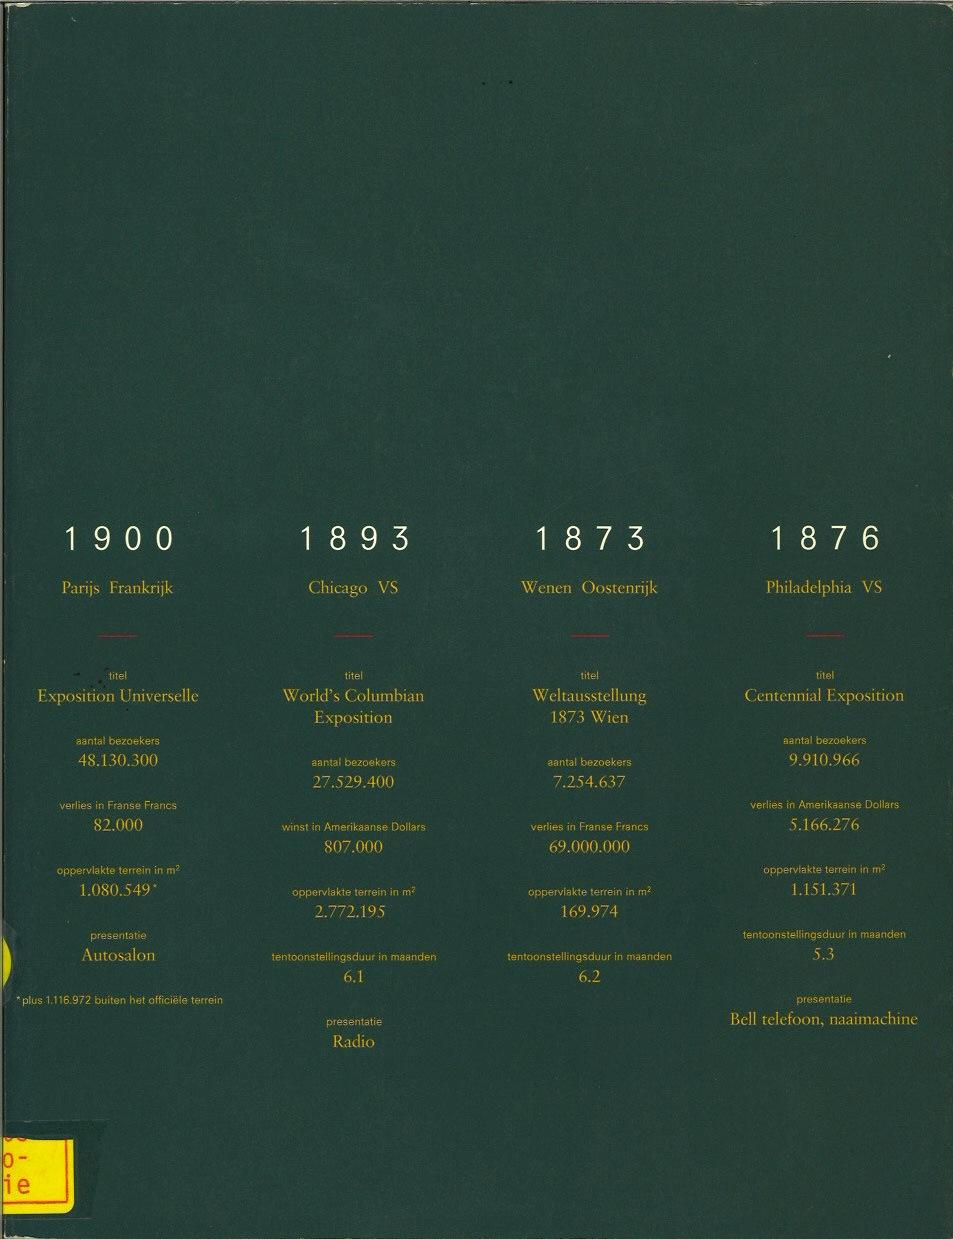 De wereld ten toon: Wereldtentoonstellingen in de Universiteitsbibliotheek 1851-1992